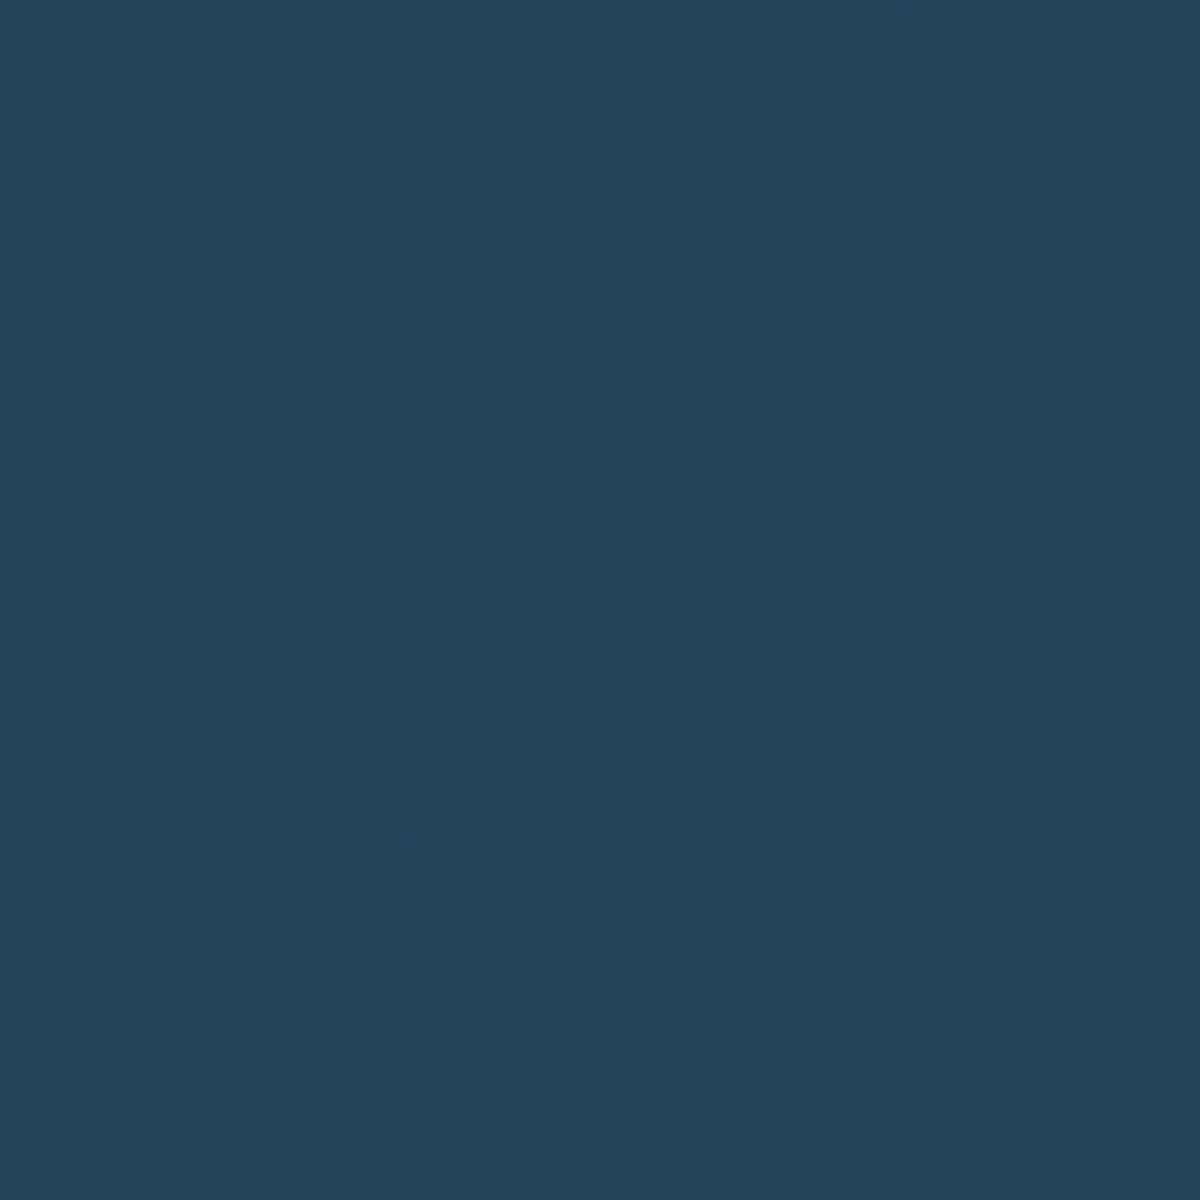 NEW COL0R! Riley Blake, Confetti Solid Oxford Blue